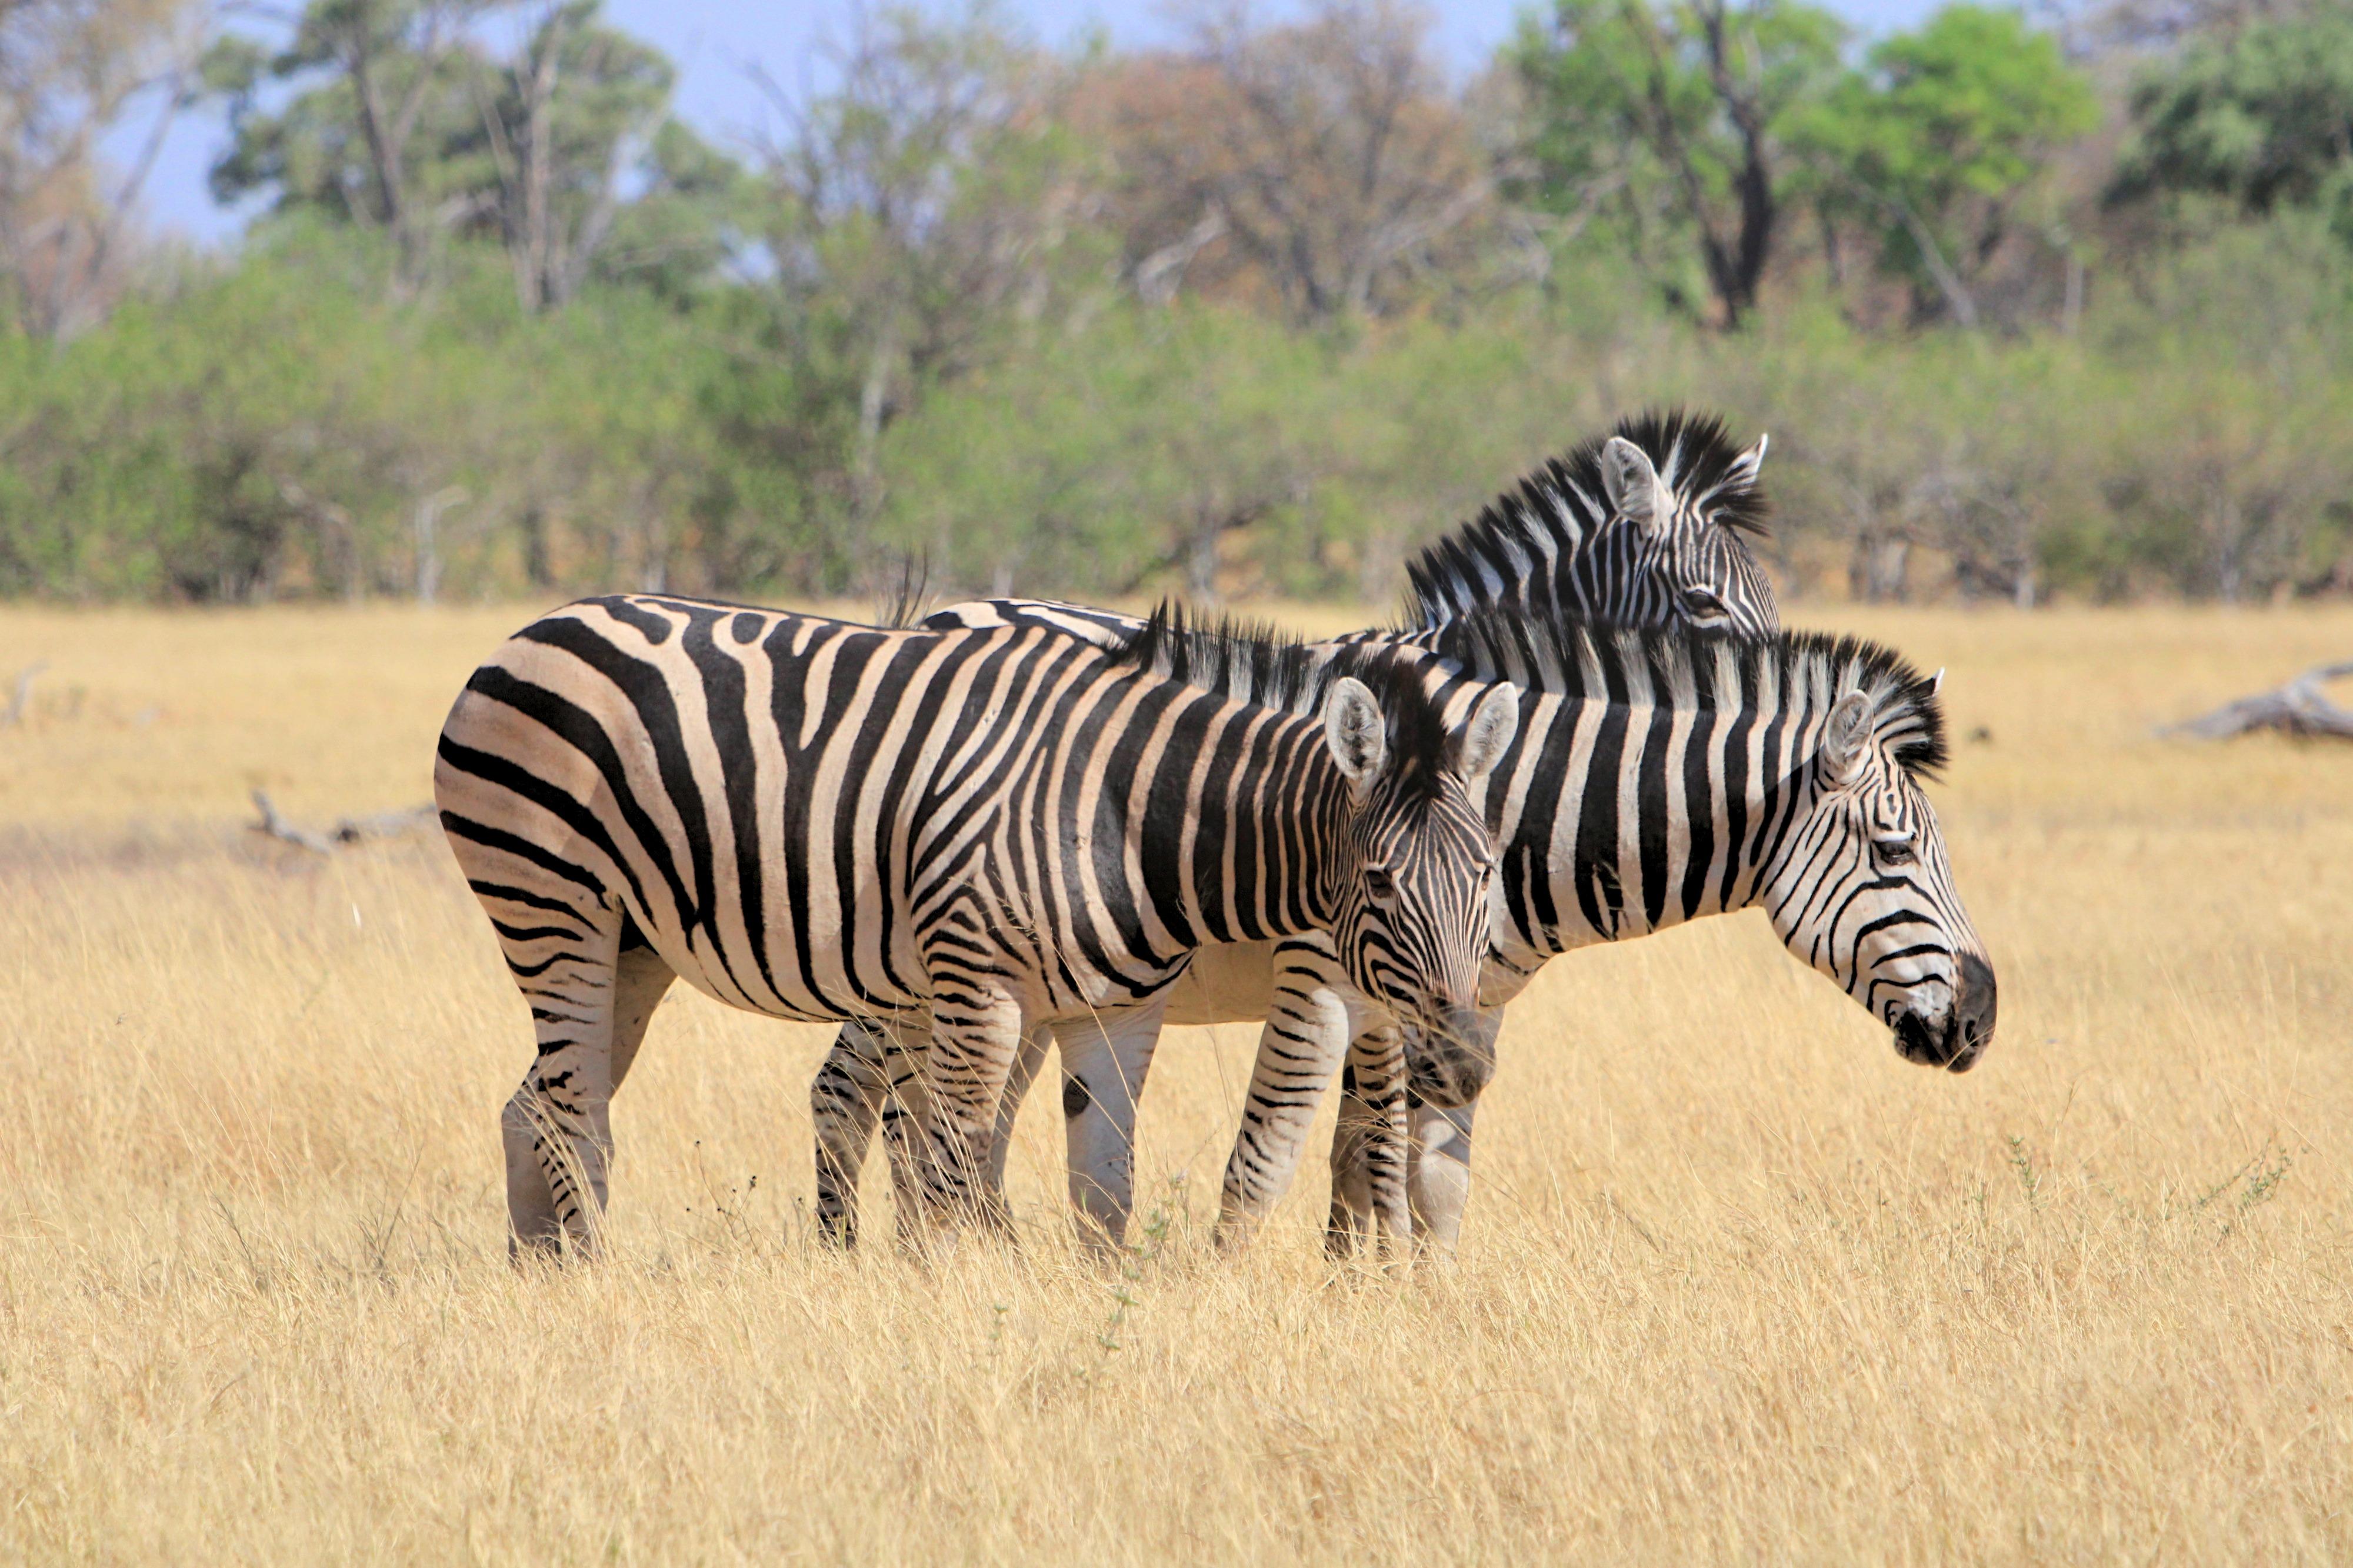 Meine absoluten Lieblinge: Zebras in der Savuti Region des Chobe Nationalparks.